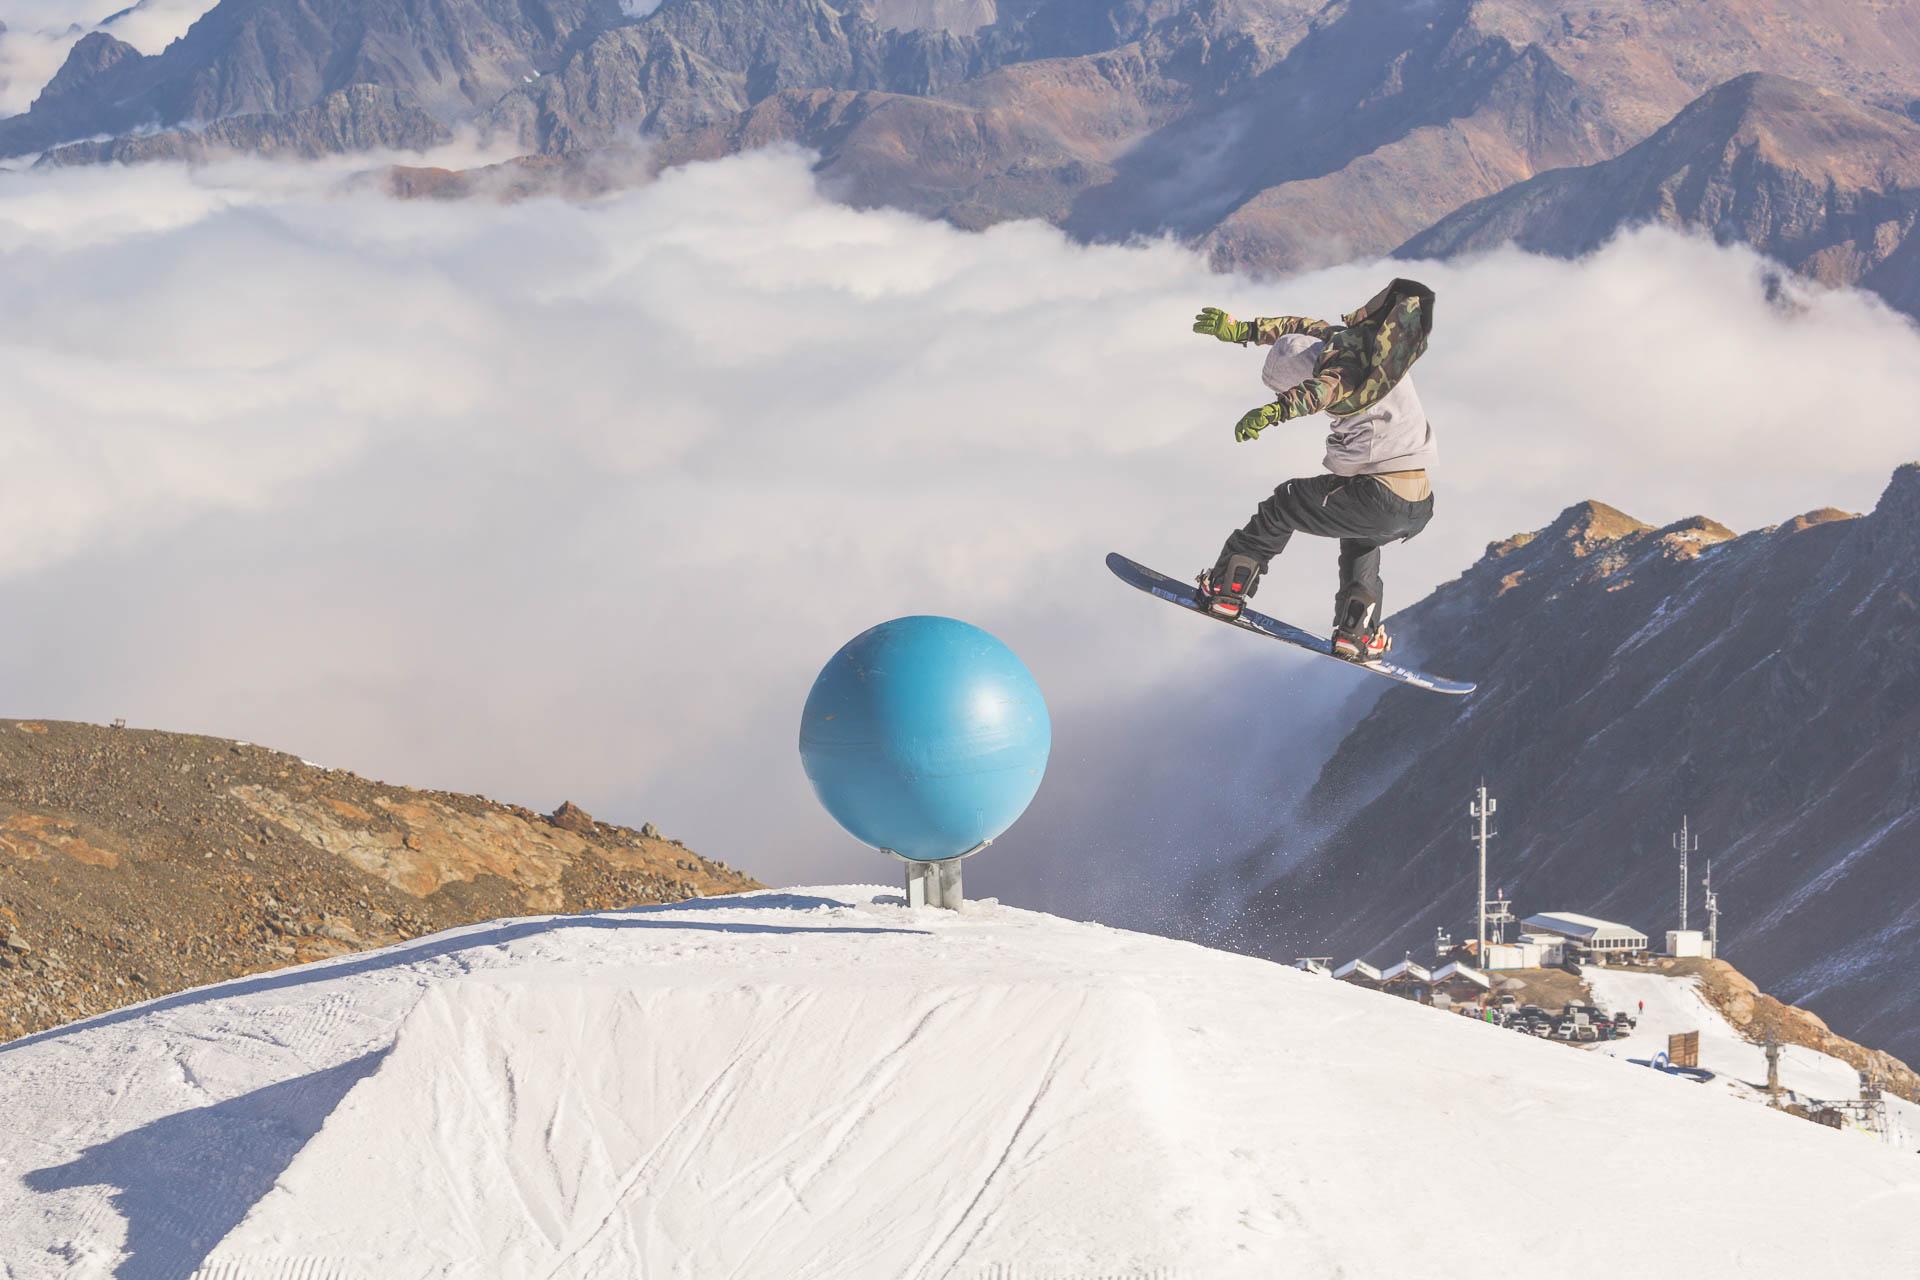 Der Snowpark Kaunertal bietet allerhand Jibs, die gerne in einer kompletten Line verbaut werden wollen.